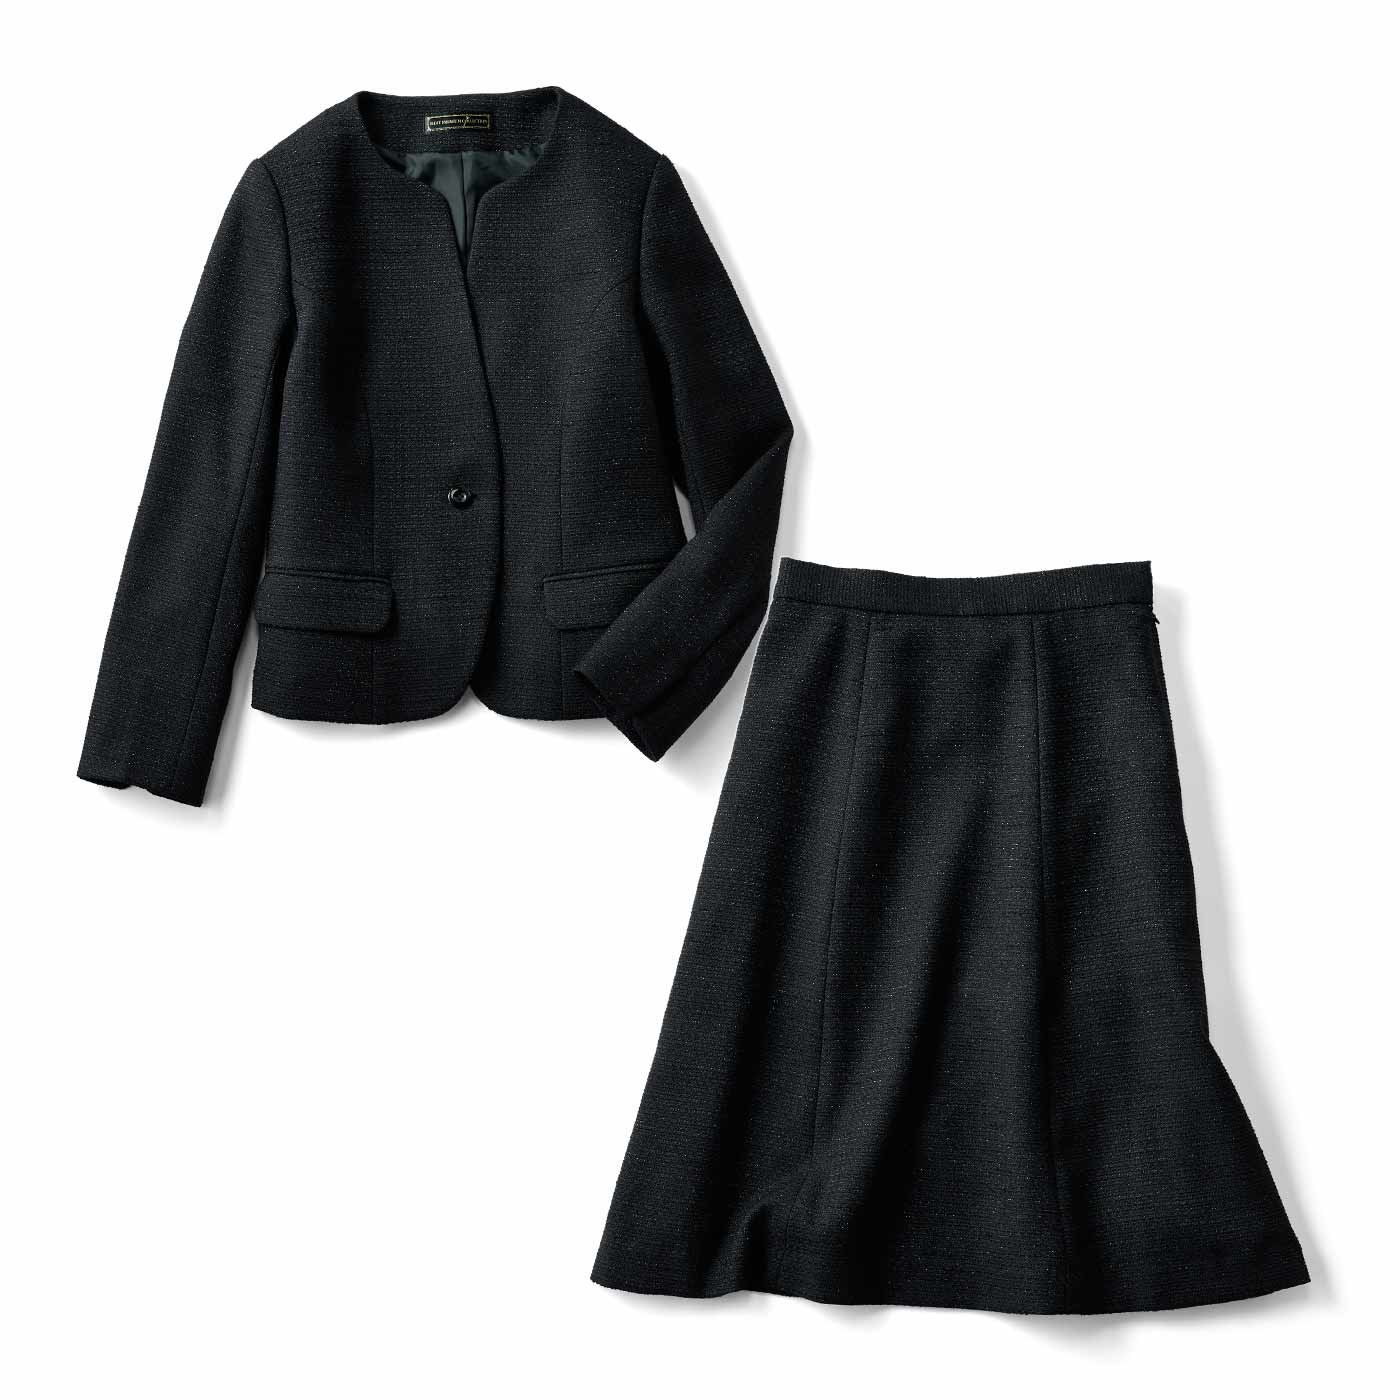 IEDIT[イディット] 華やぎで魅了する上品セットアップスーツ〈ブラック〉